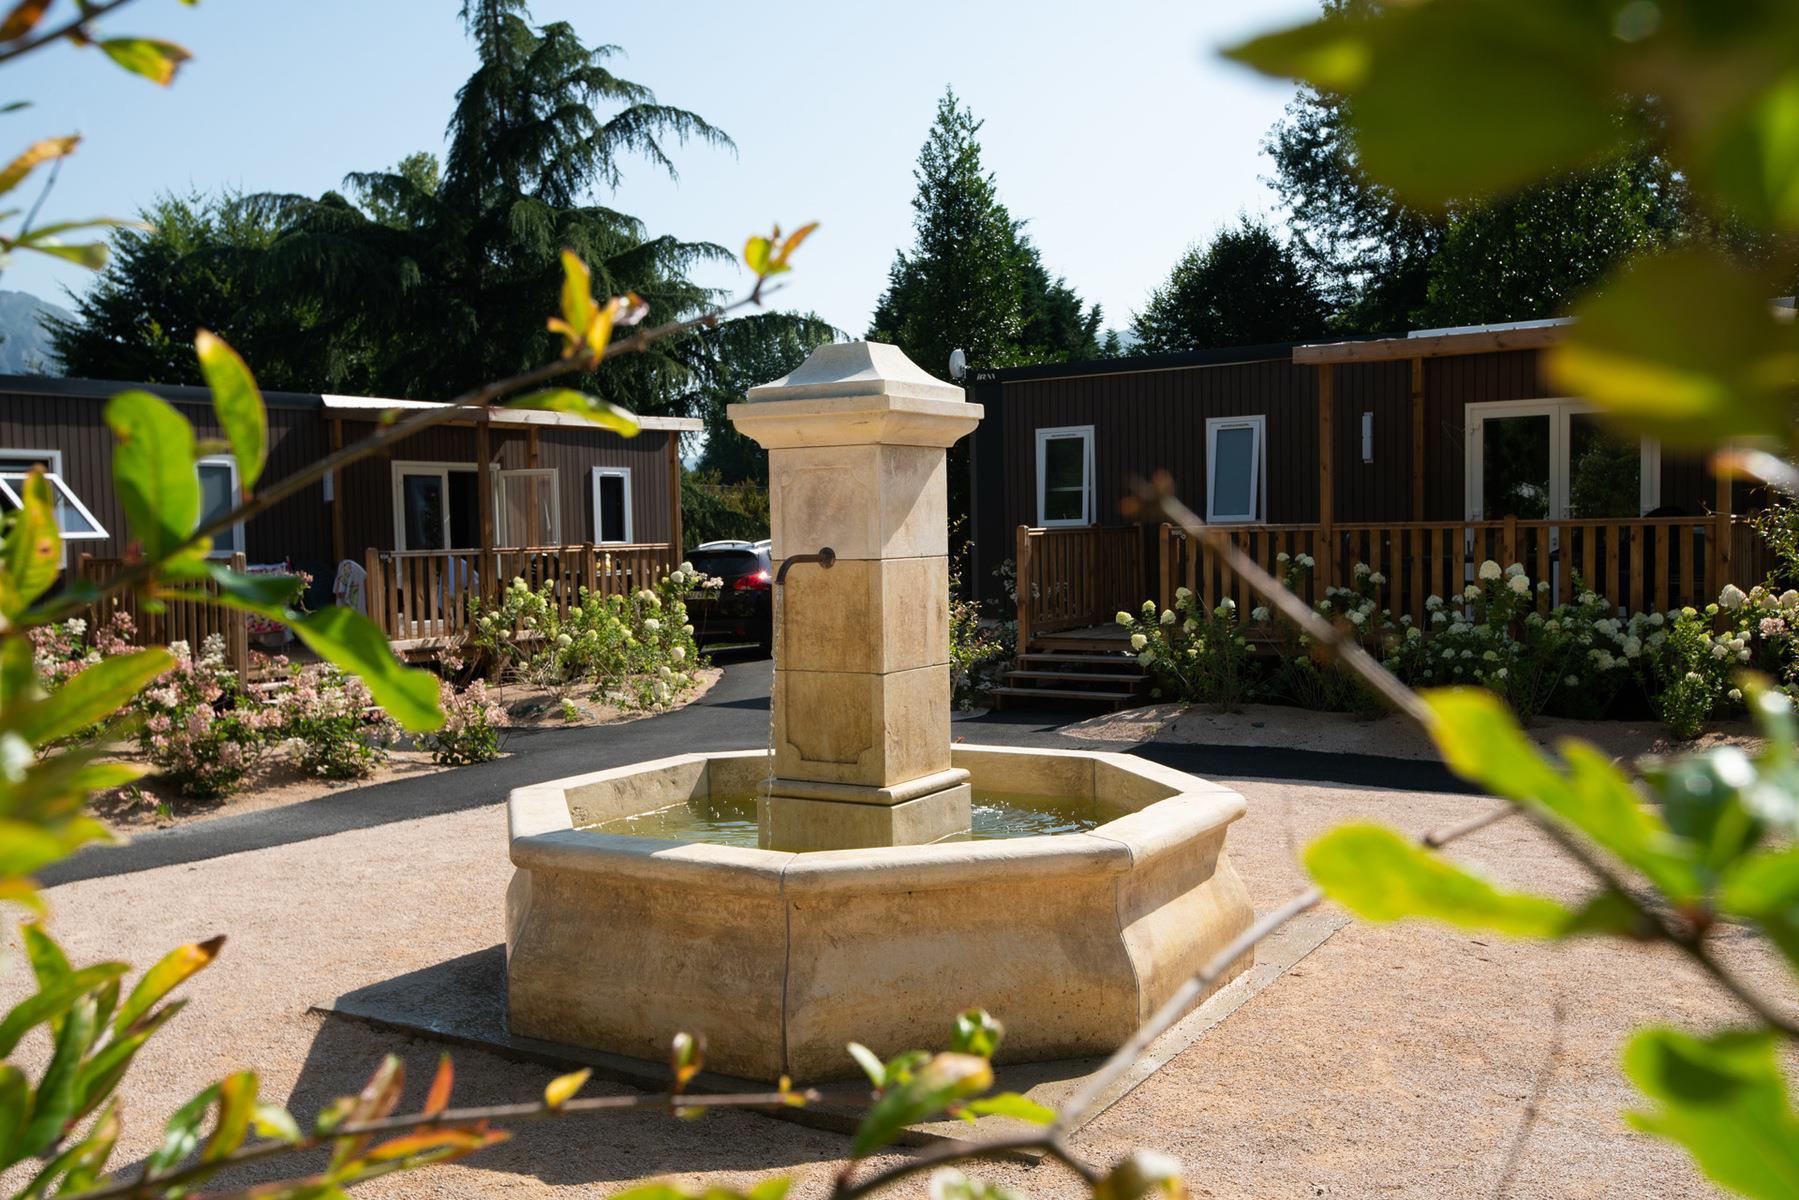 Location - Sunelia Prestige Fontaines (2 Chambres + 2 Salles De Bain) - Sunêlia Camping Les 3 Vallées